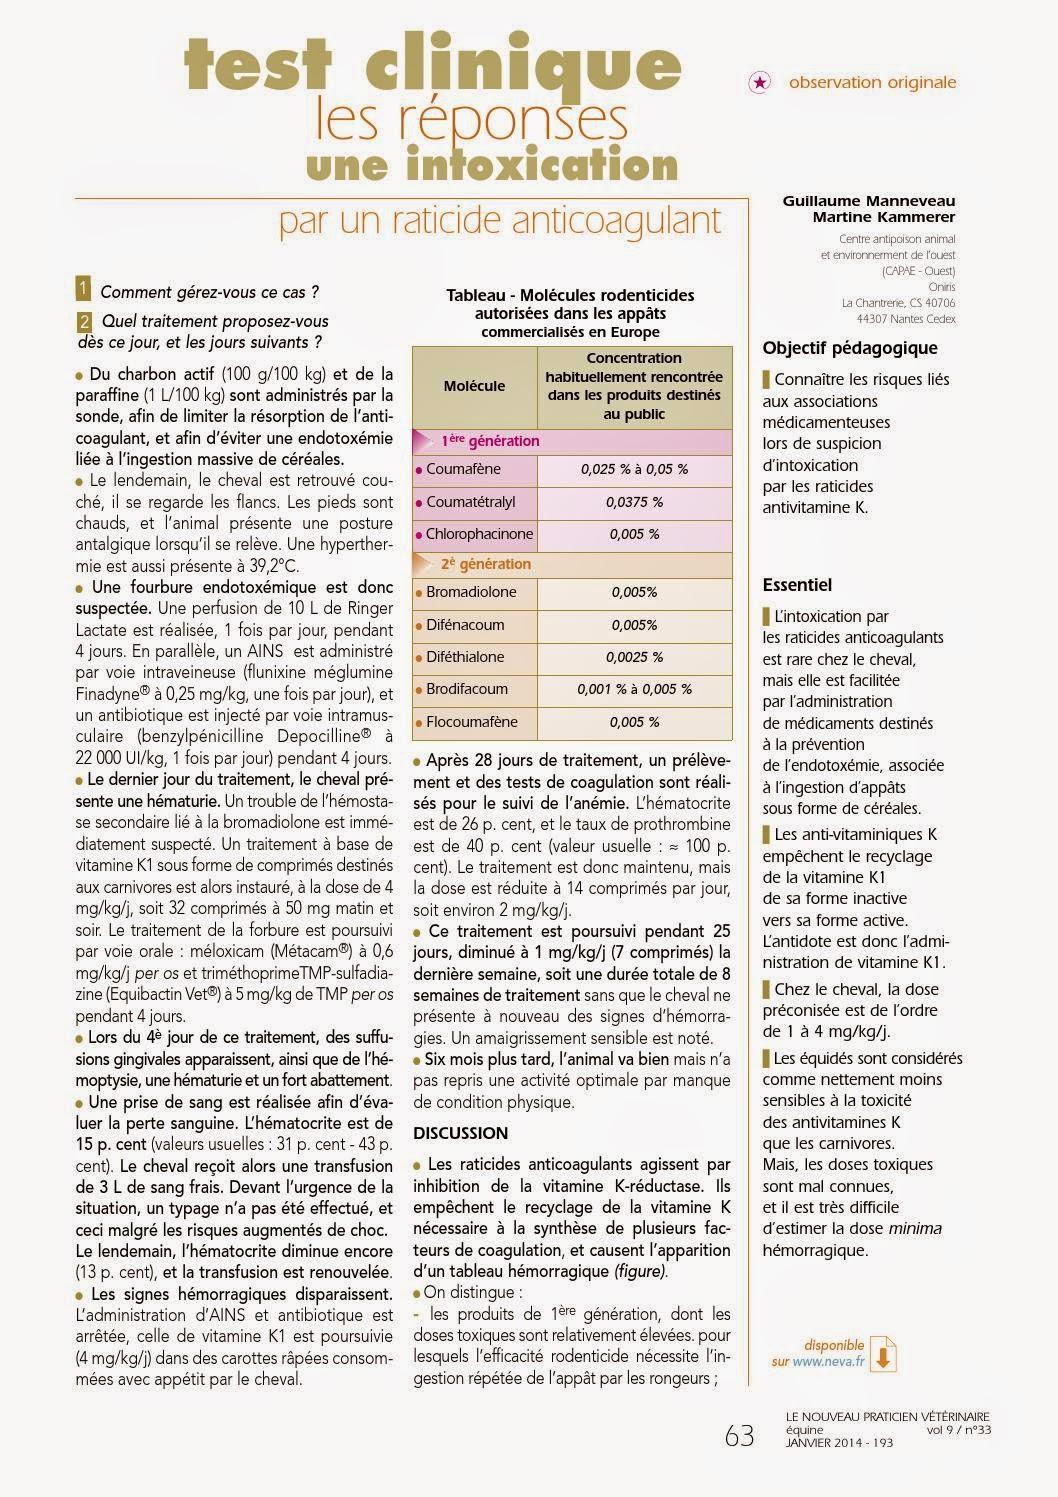 mise en pratique 7th edition pdf